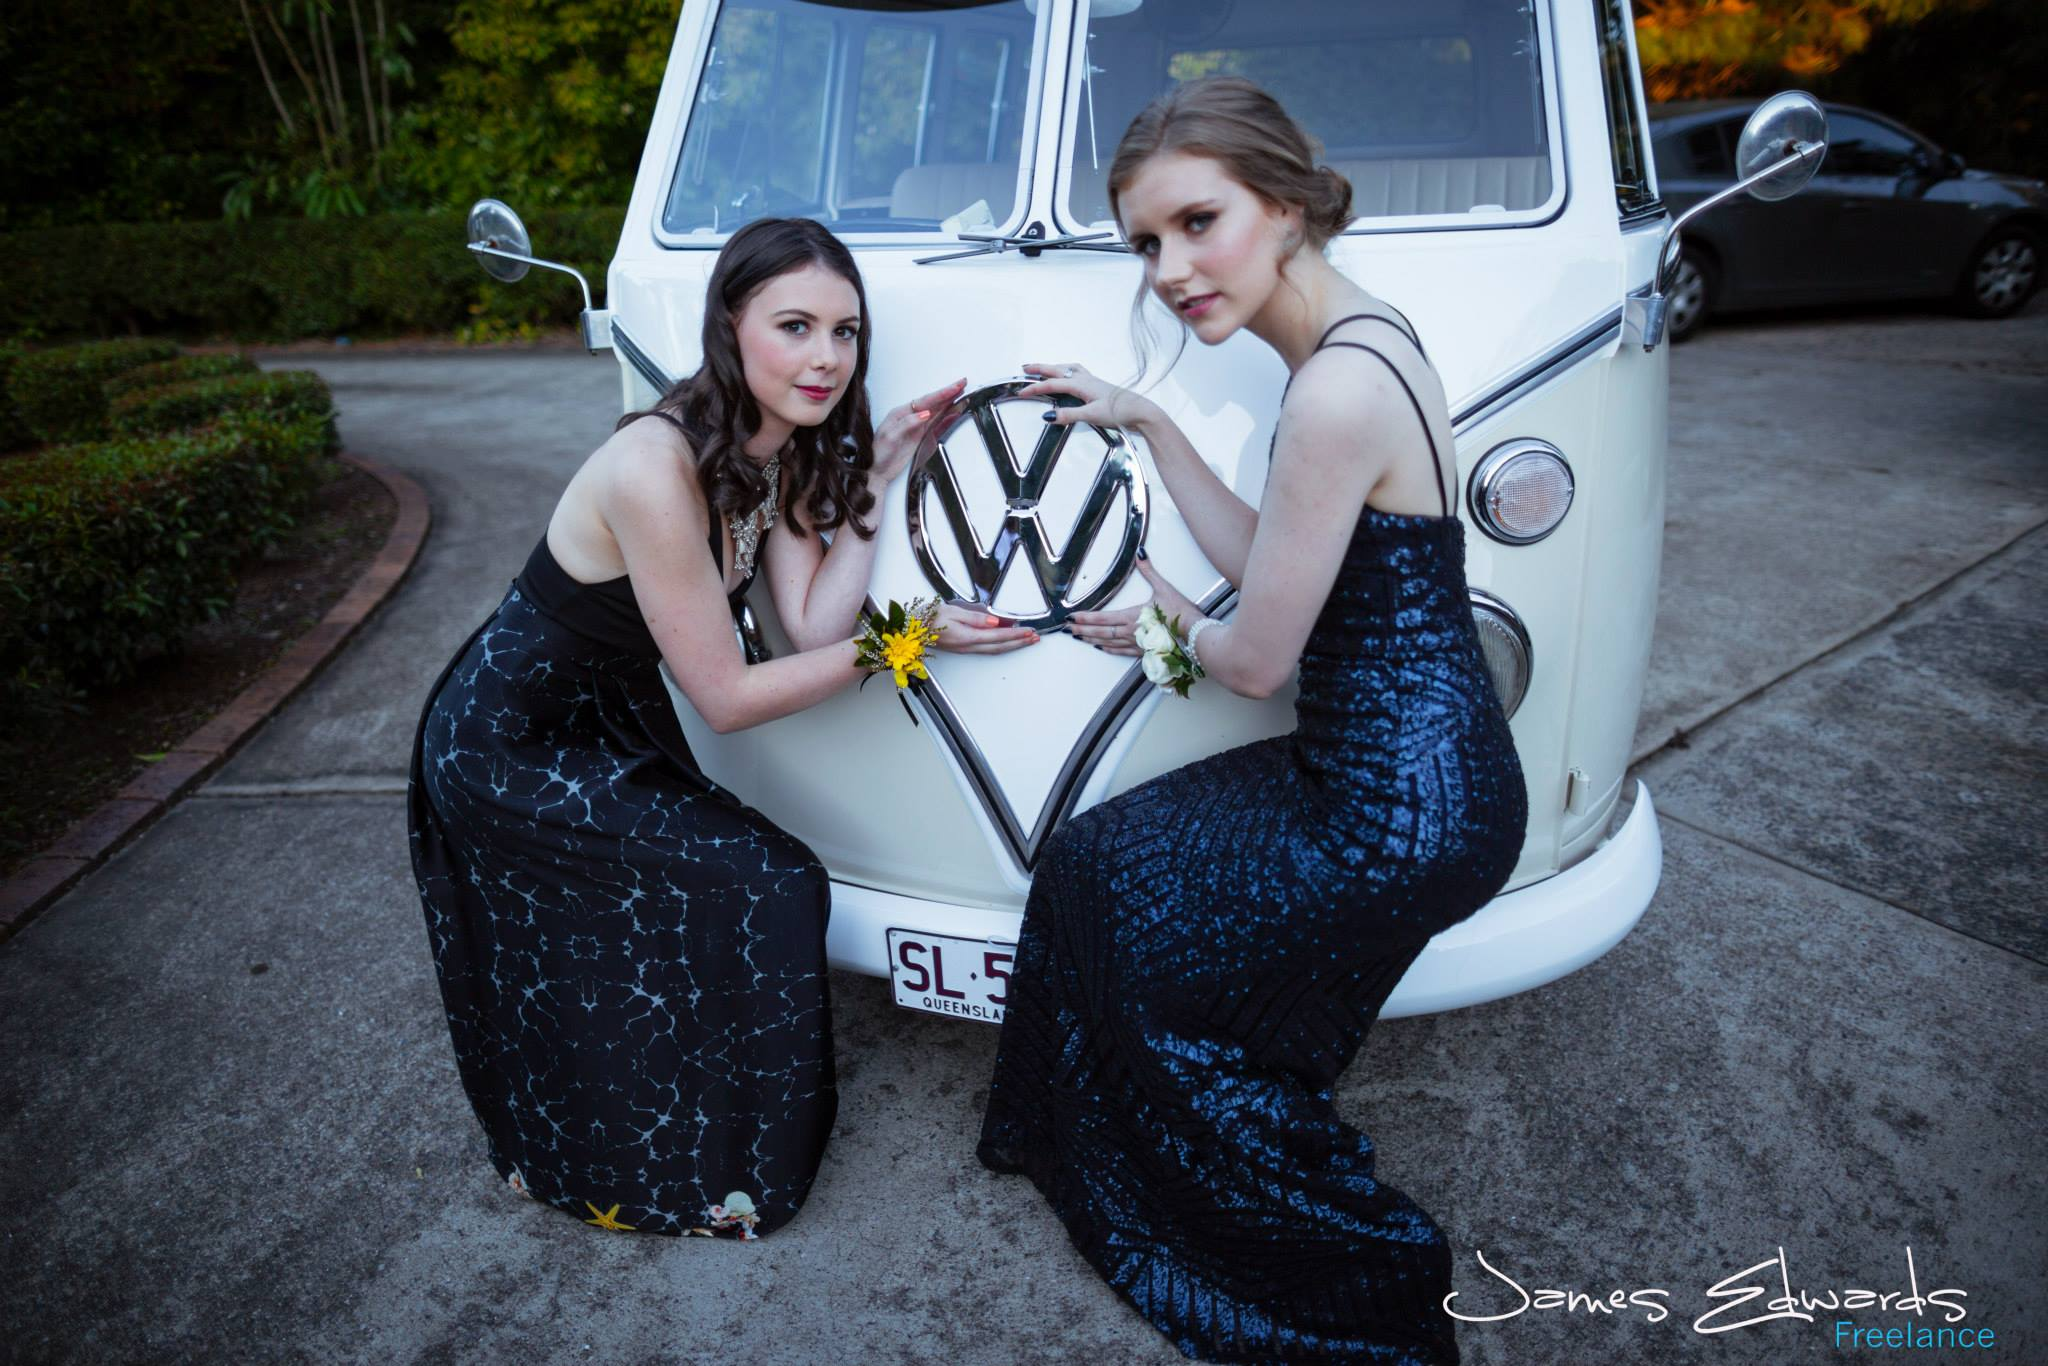 2015-08-14 formal-LeaAnne & Kirrily - lola (16).jpg